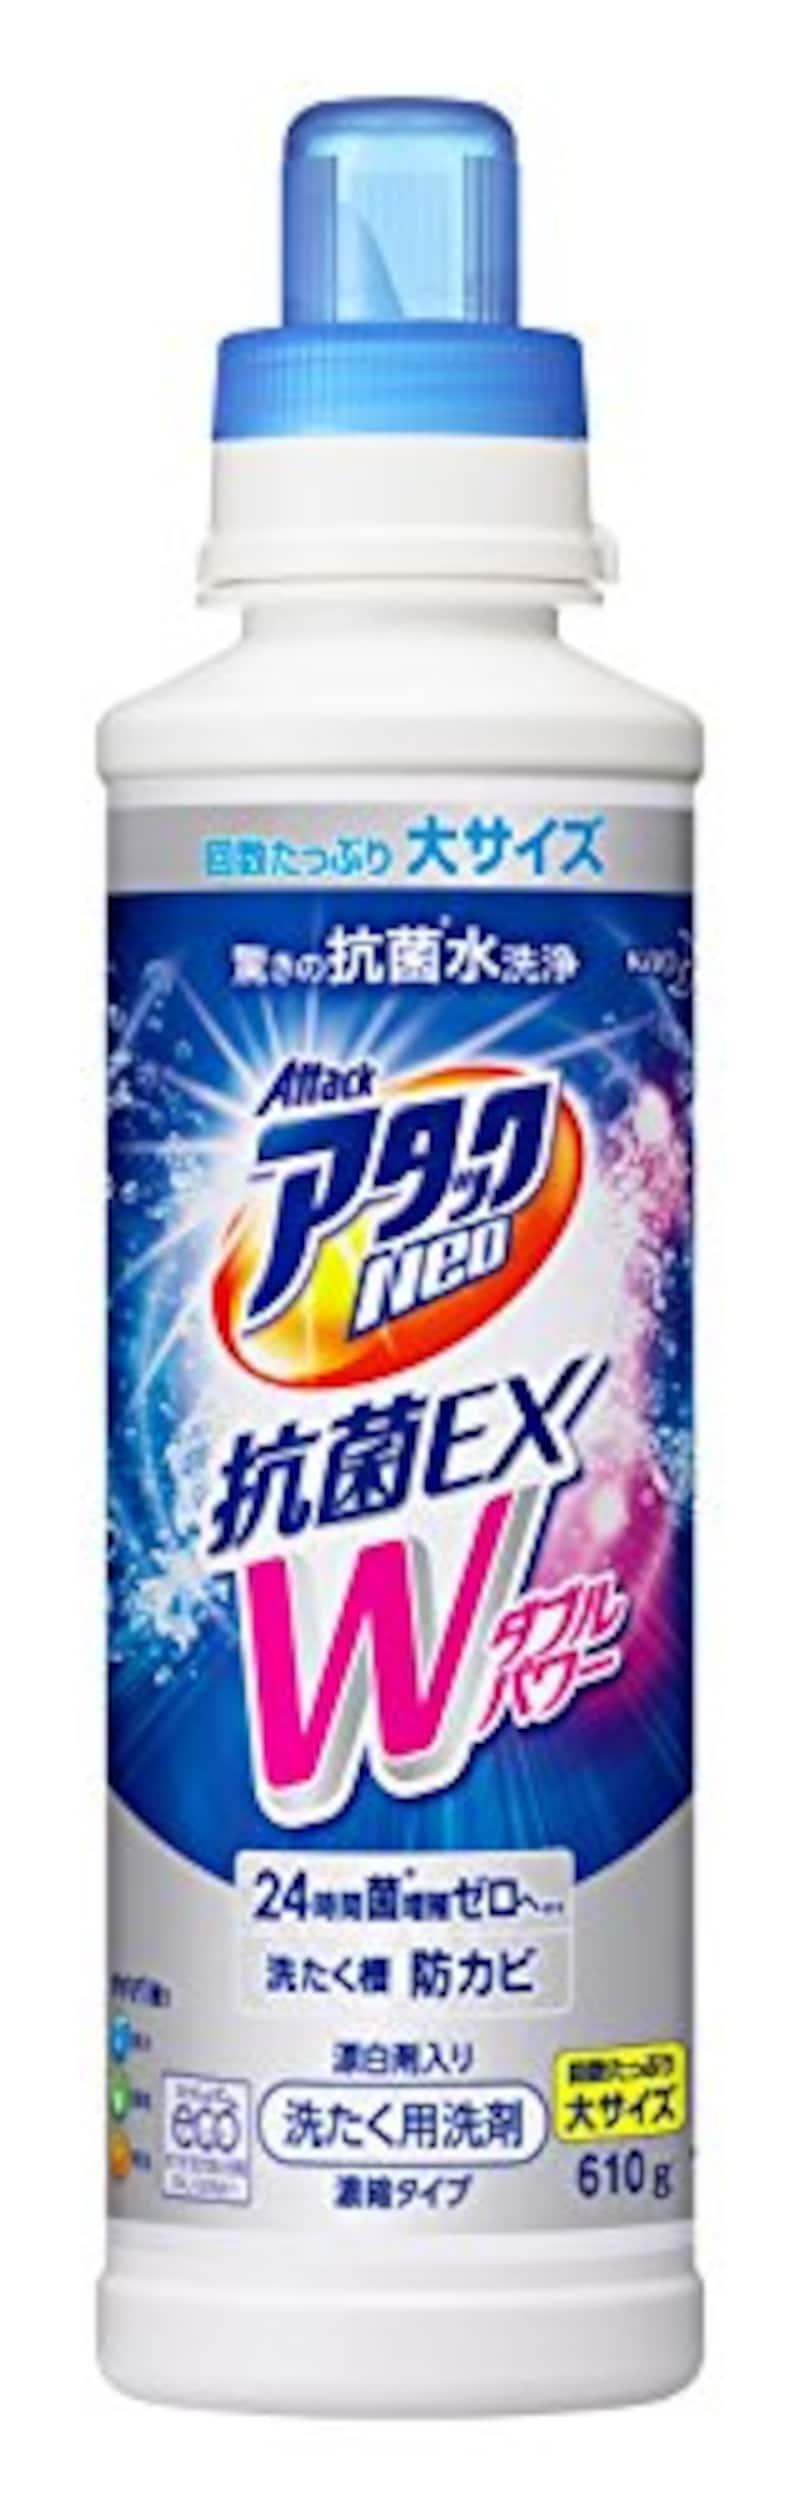 花王,アタックNeo 抗菌EX Wパワー